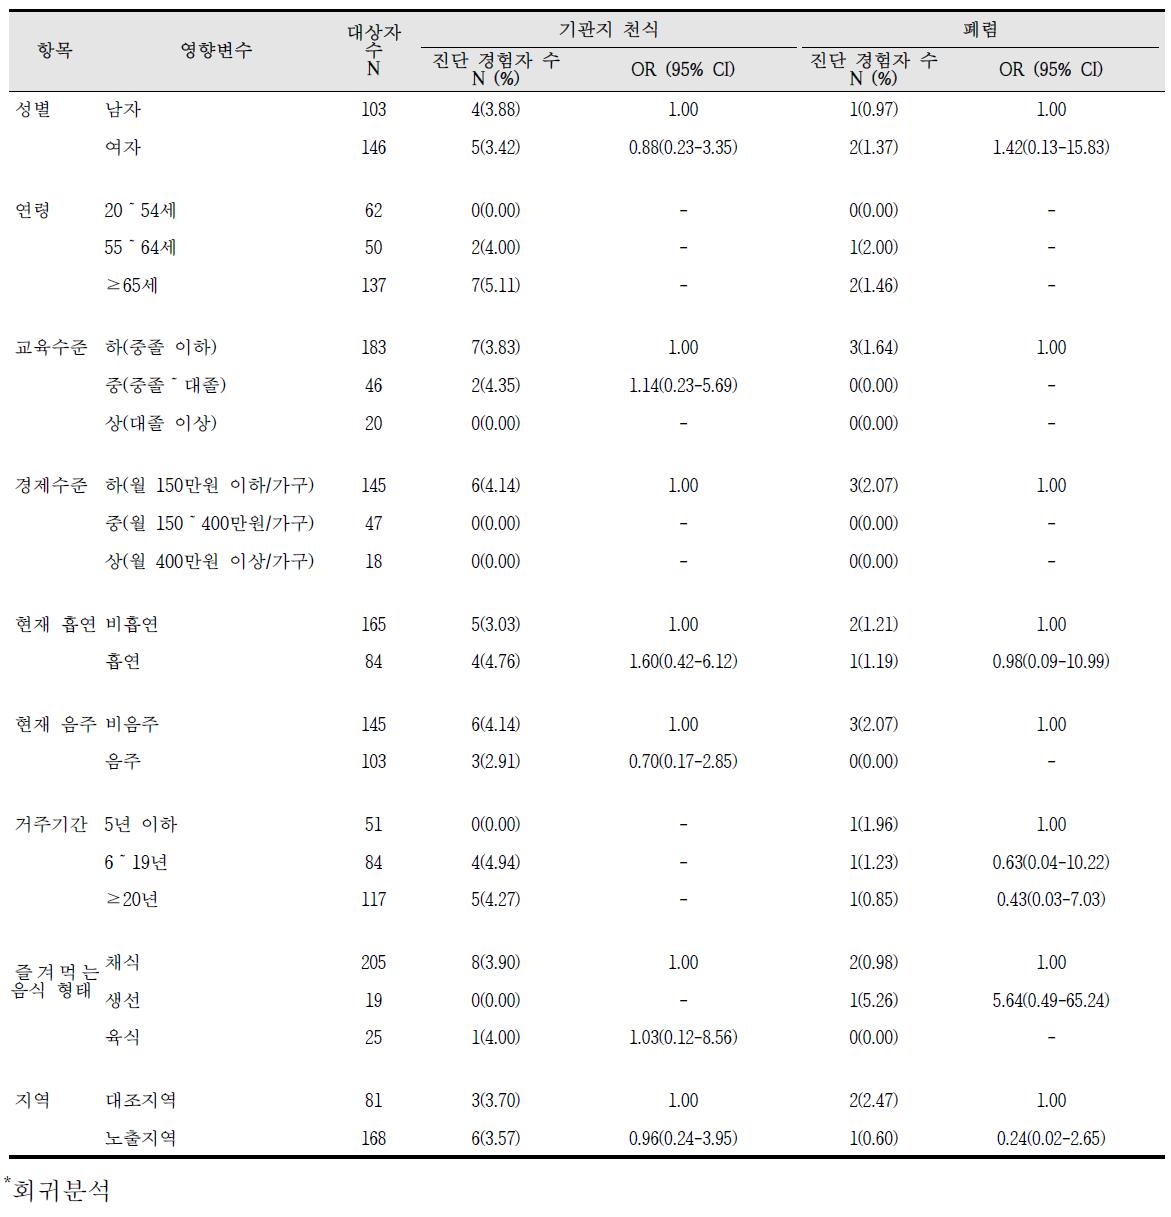 대산산업단지 급성질환 진단의 영향요인 분석 결과